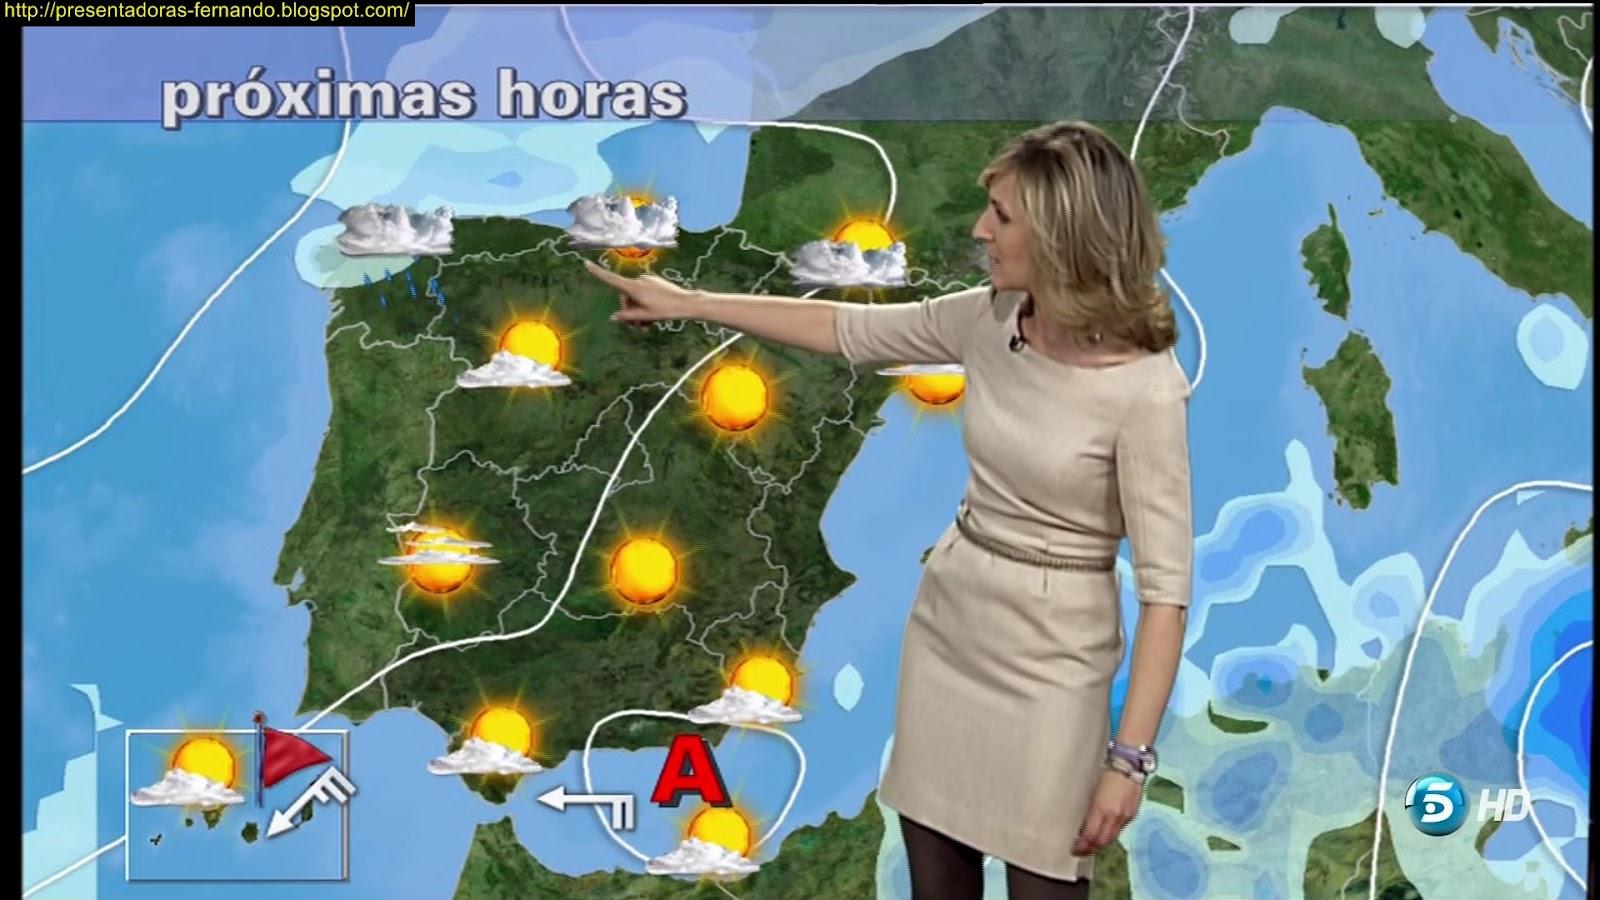 Presentadoras-Fernando